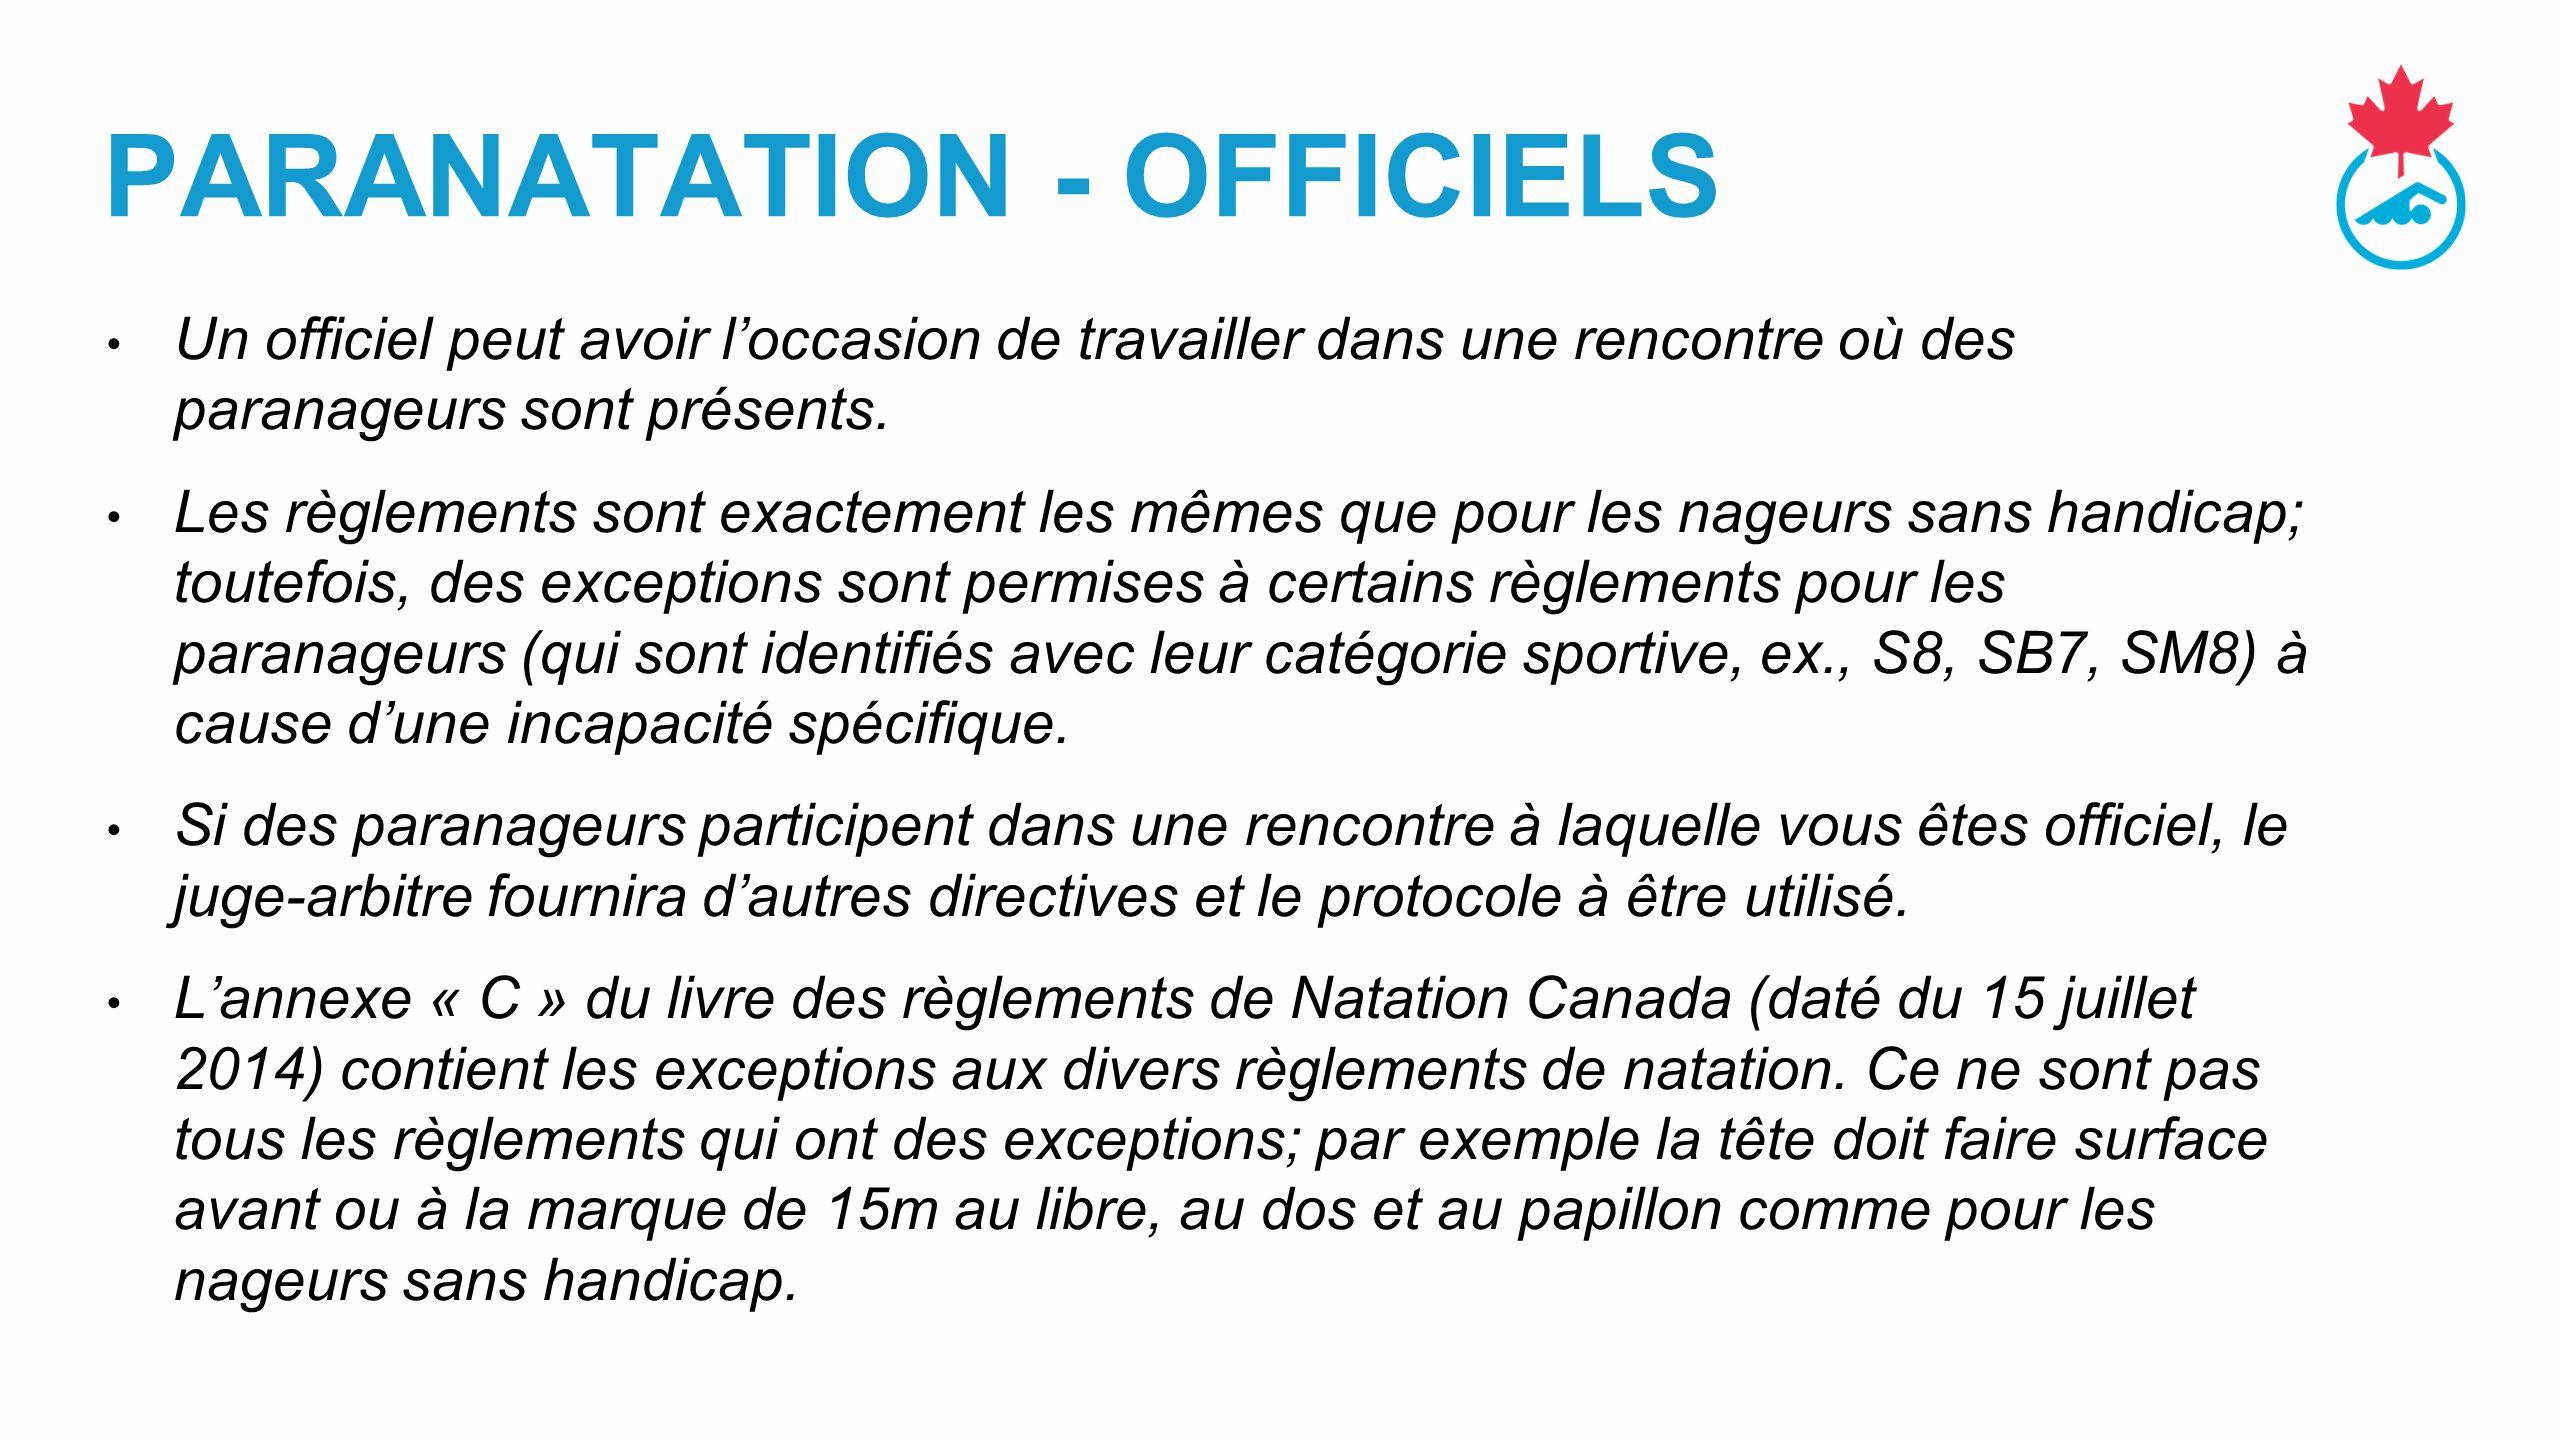 PARANATATION - OFFICIELS Un officiel peut avoir l'occasion de travailler dans une rencontre où des paranageurs sont présents.